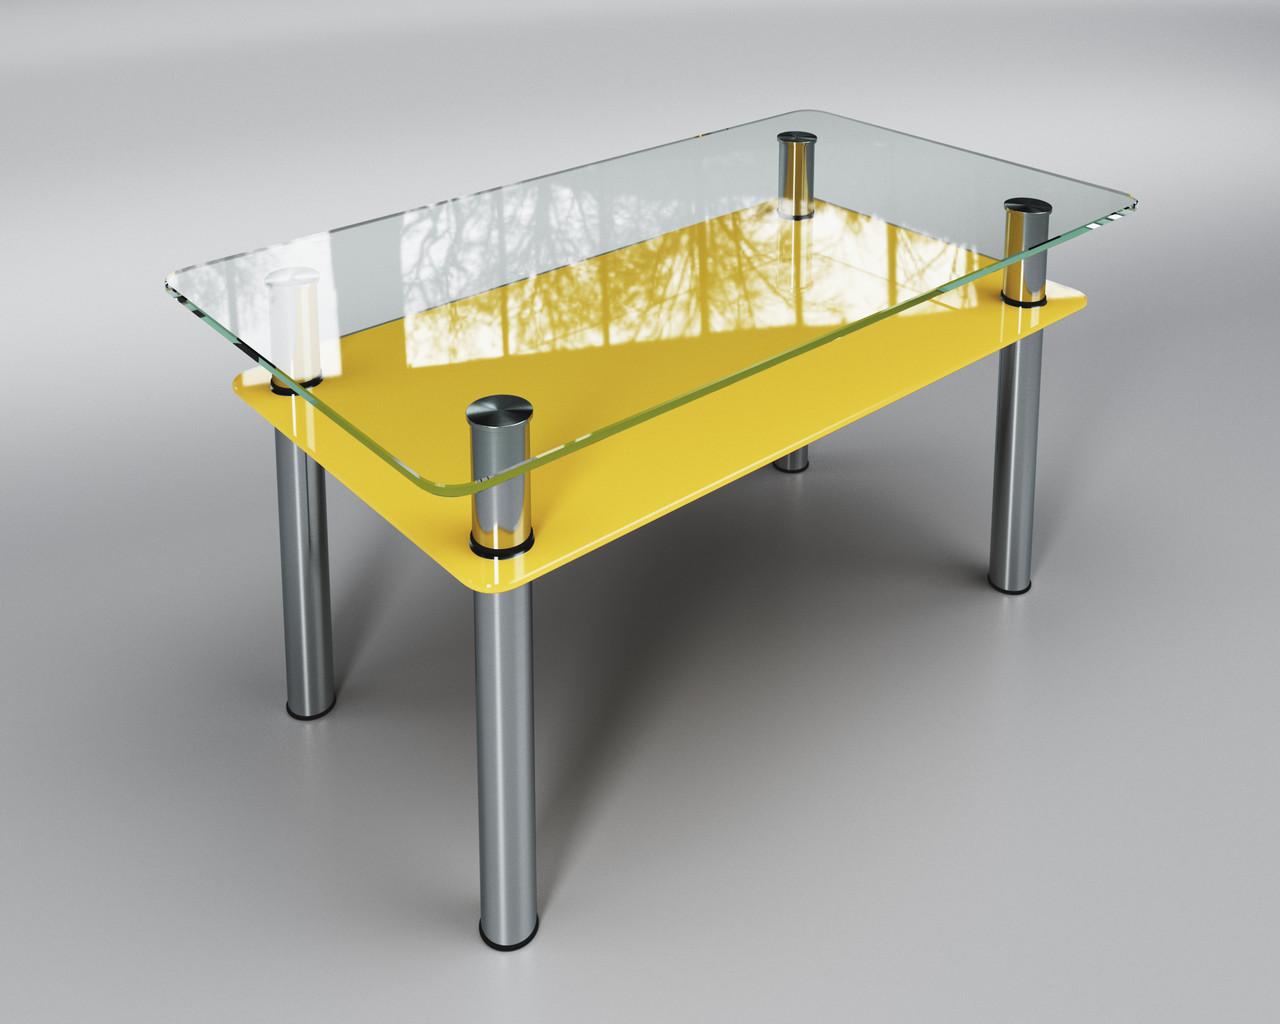 Журнальный стеклянный стол Вега с желтой полкой